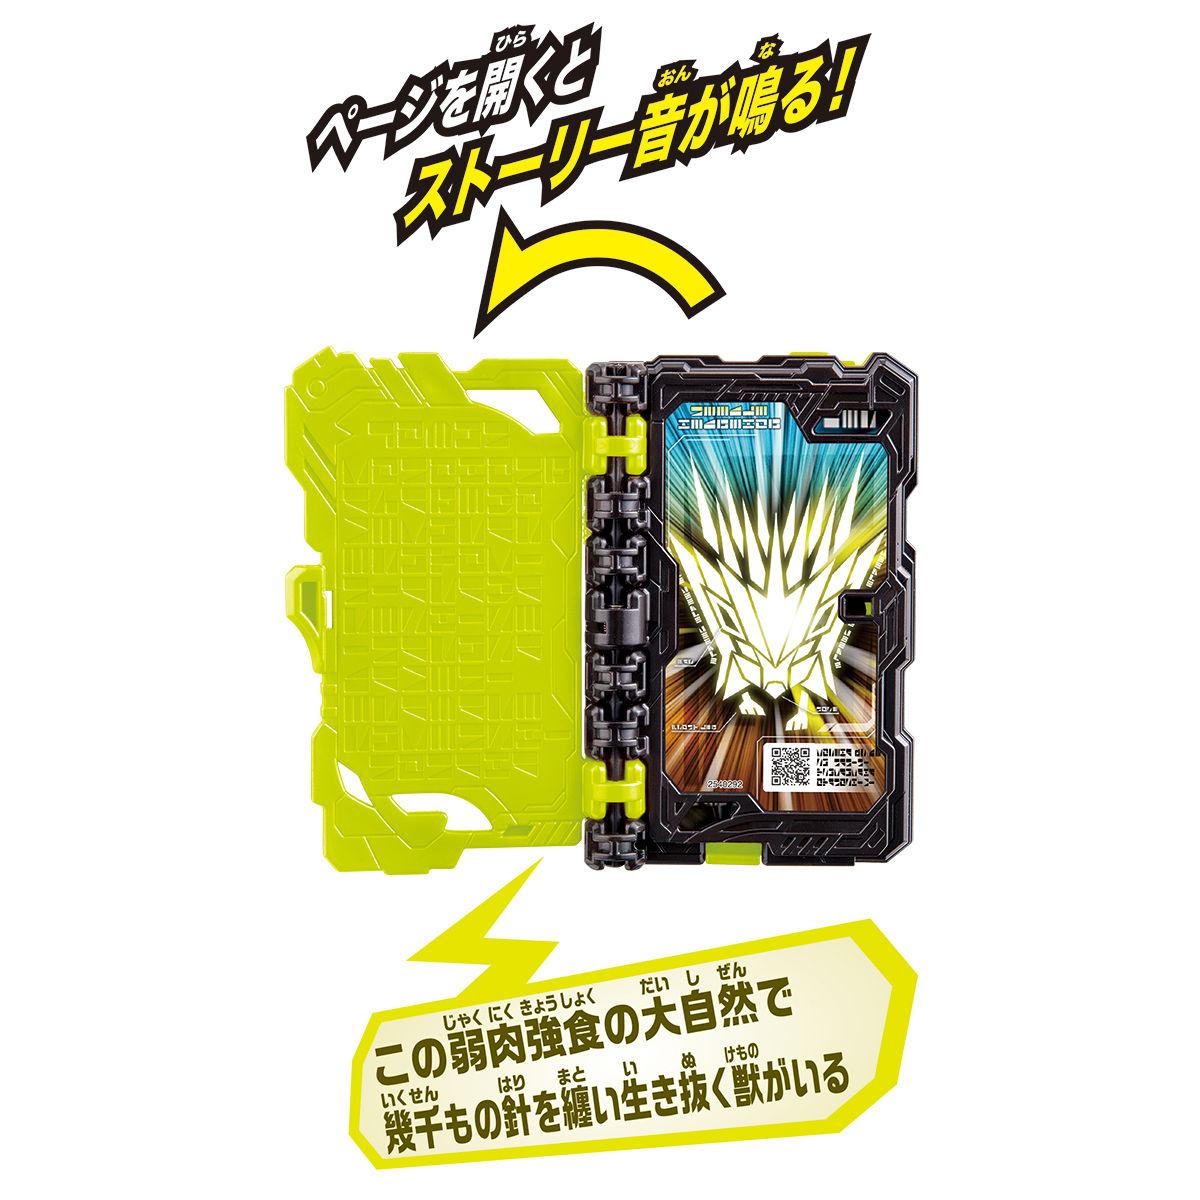 仮面ライダーセイバー『DXニードルヘッジホッグワンダーライドブック』変身なりきり-003